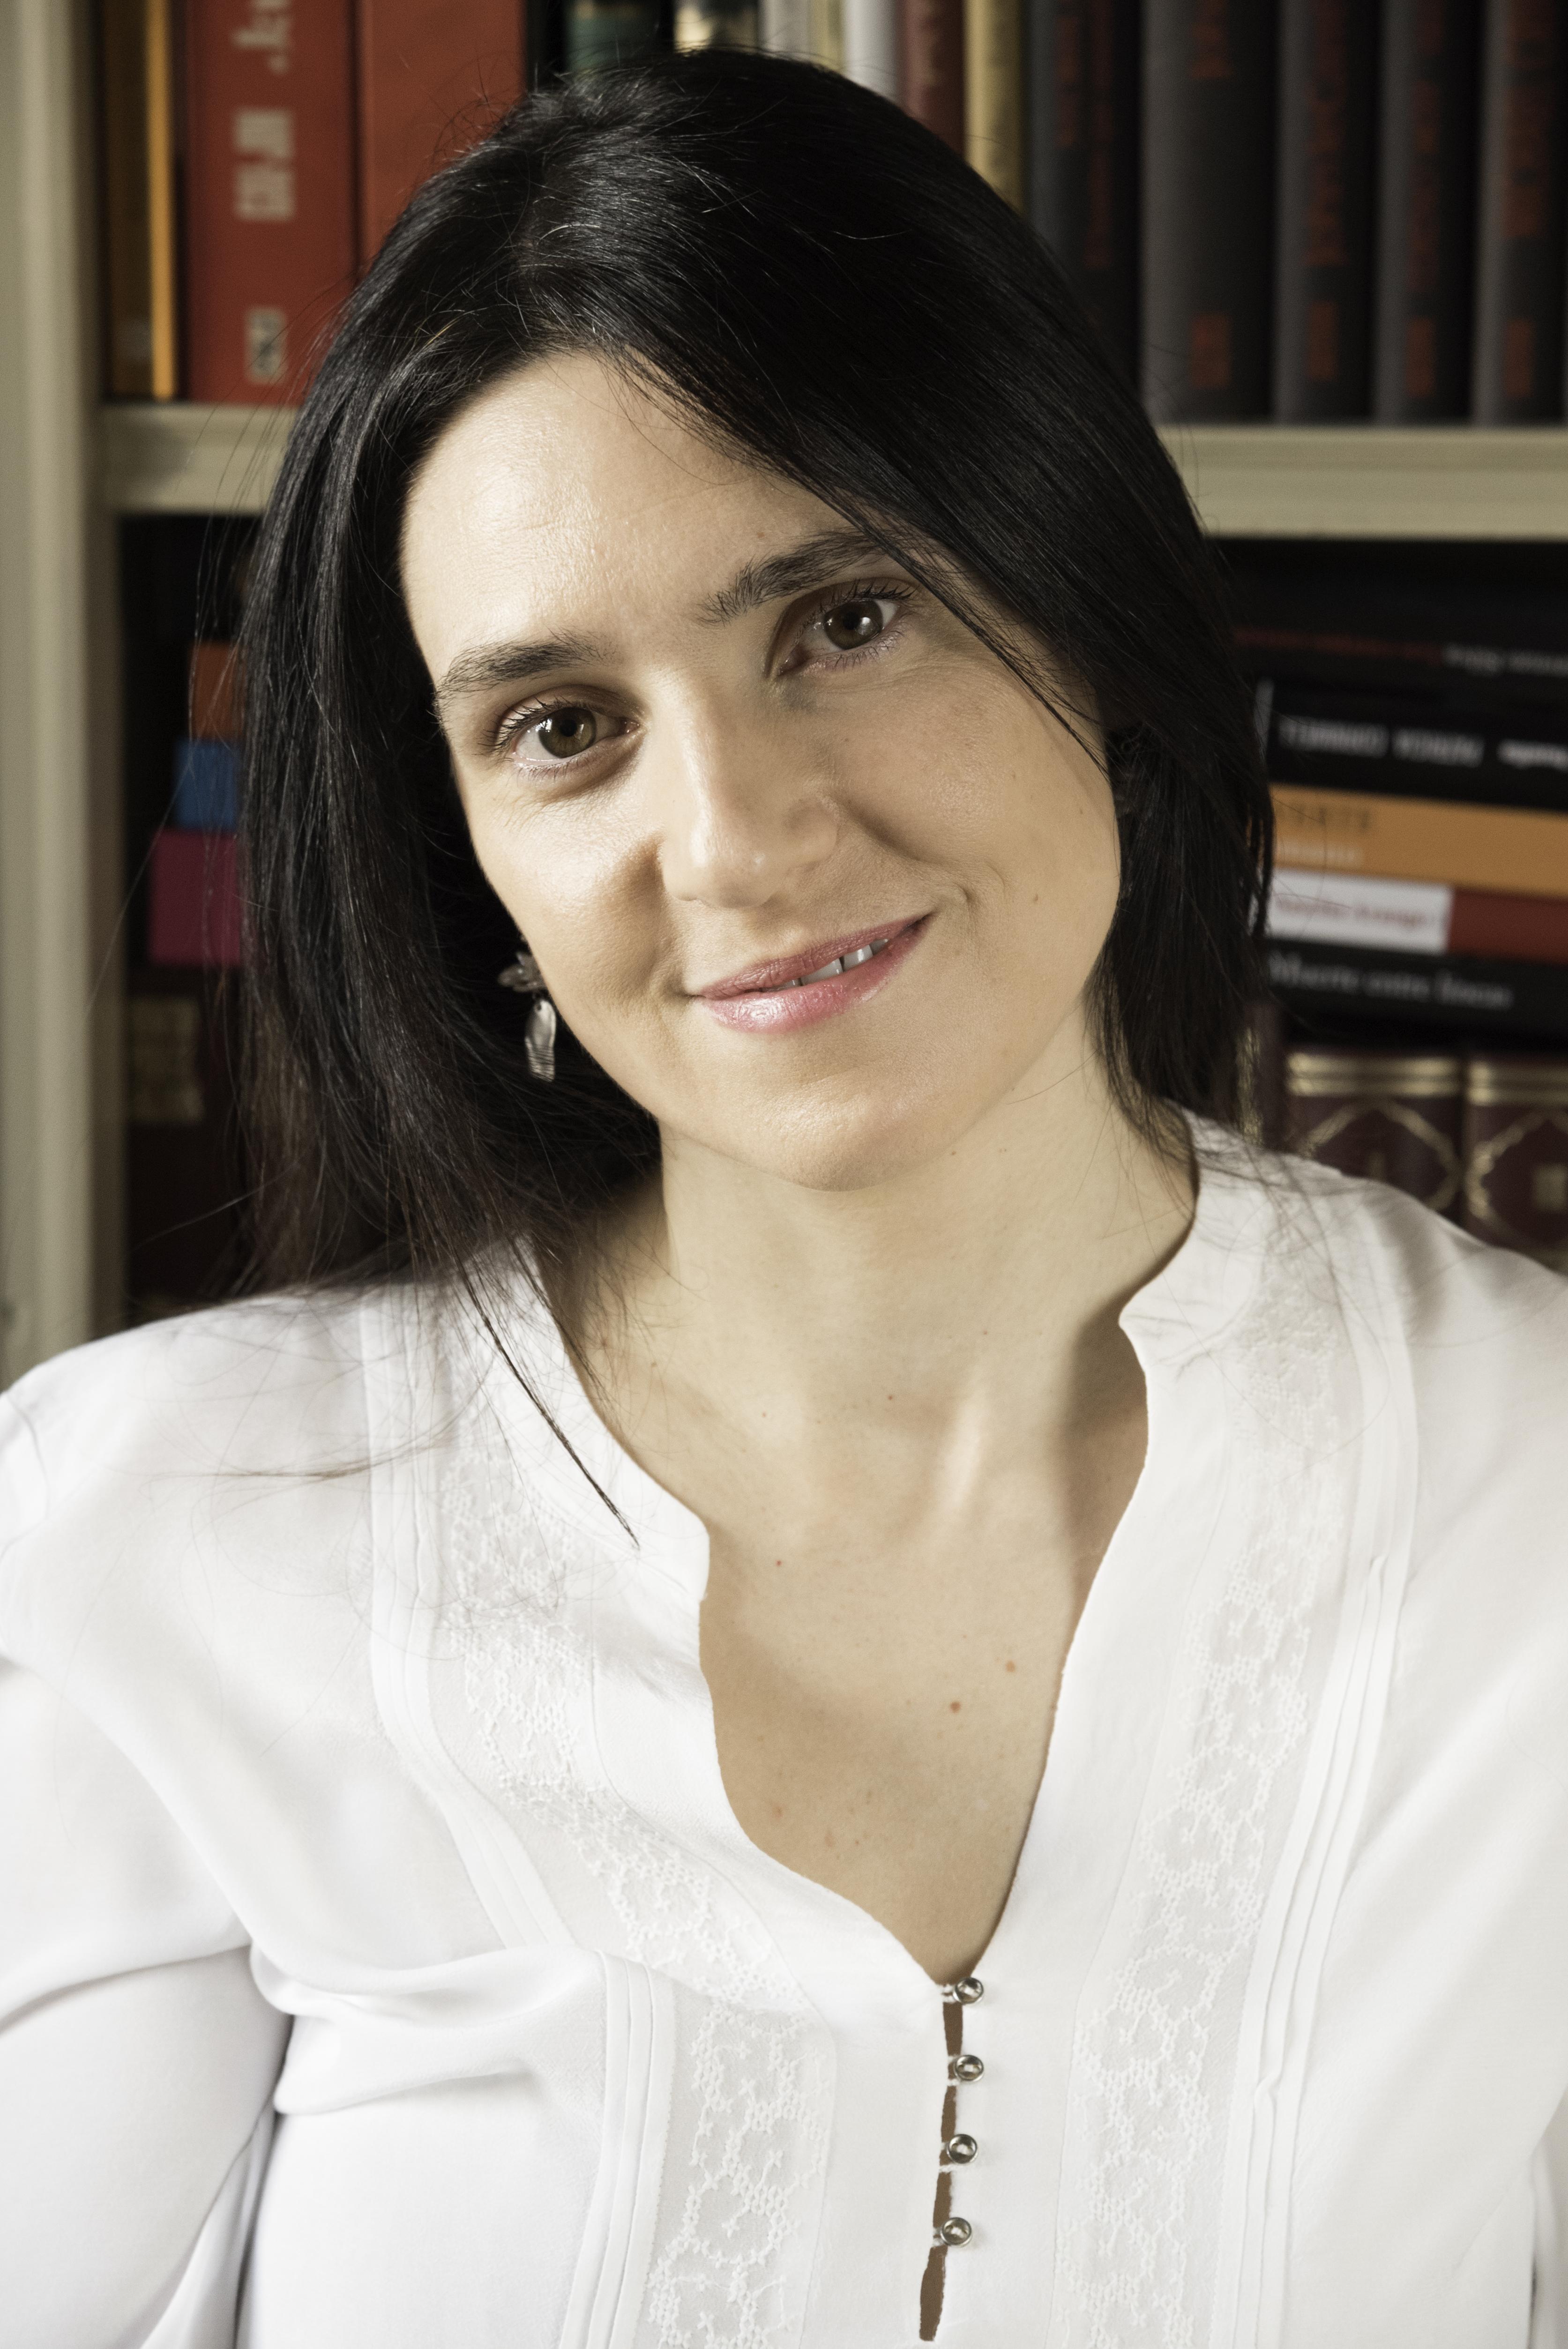 Teresa Ruano Mochales